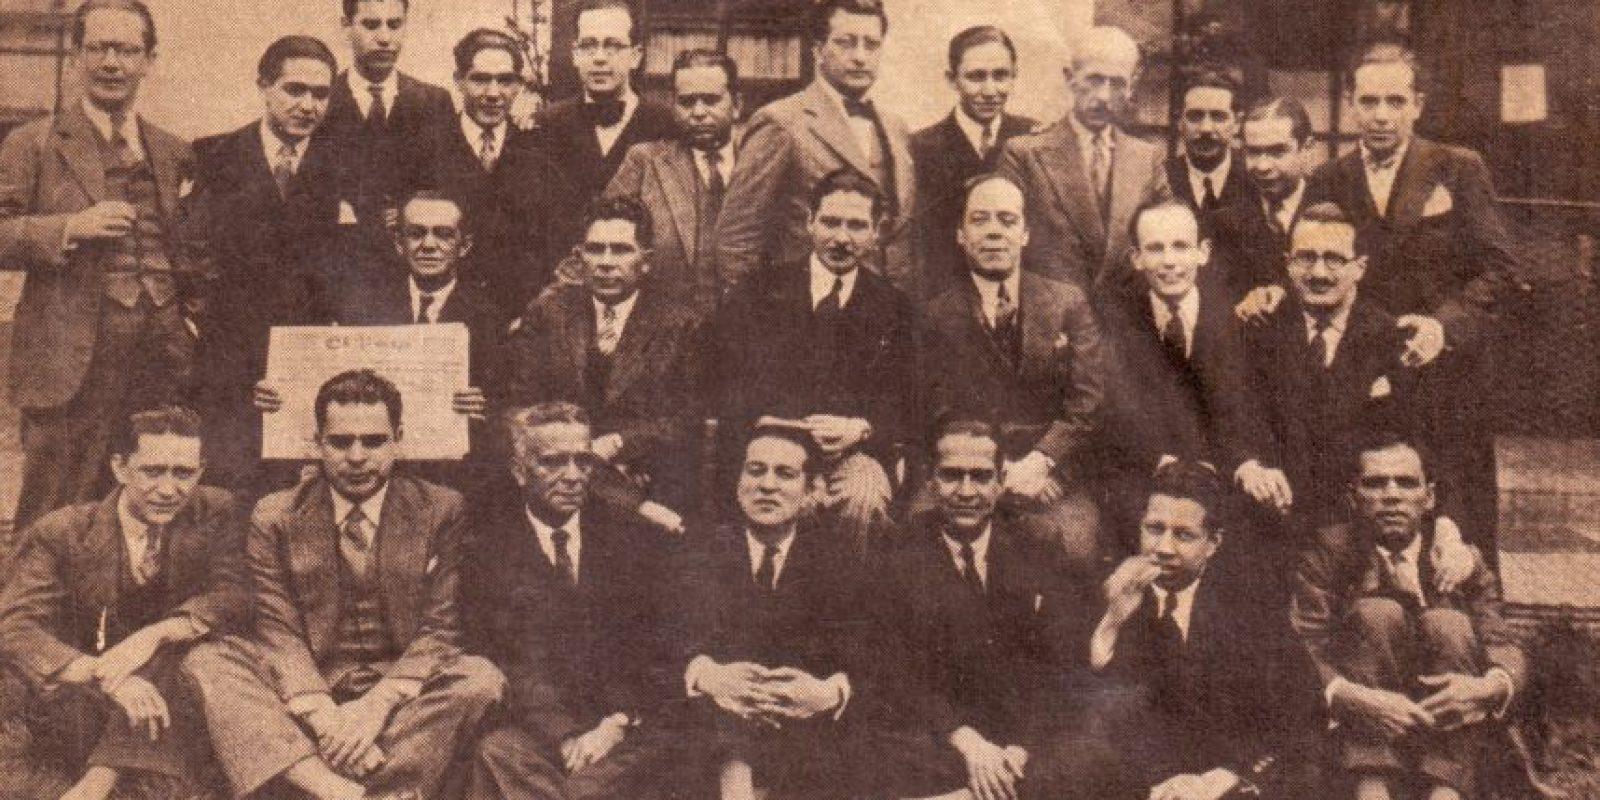 'Ximénez' es el tercero de la fila del fondo, de izquierda a derecha. Esta es una foto de la redacción de 'El Tiempo' en aquel entonces. Foto:Cortesía